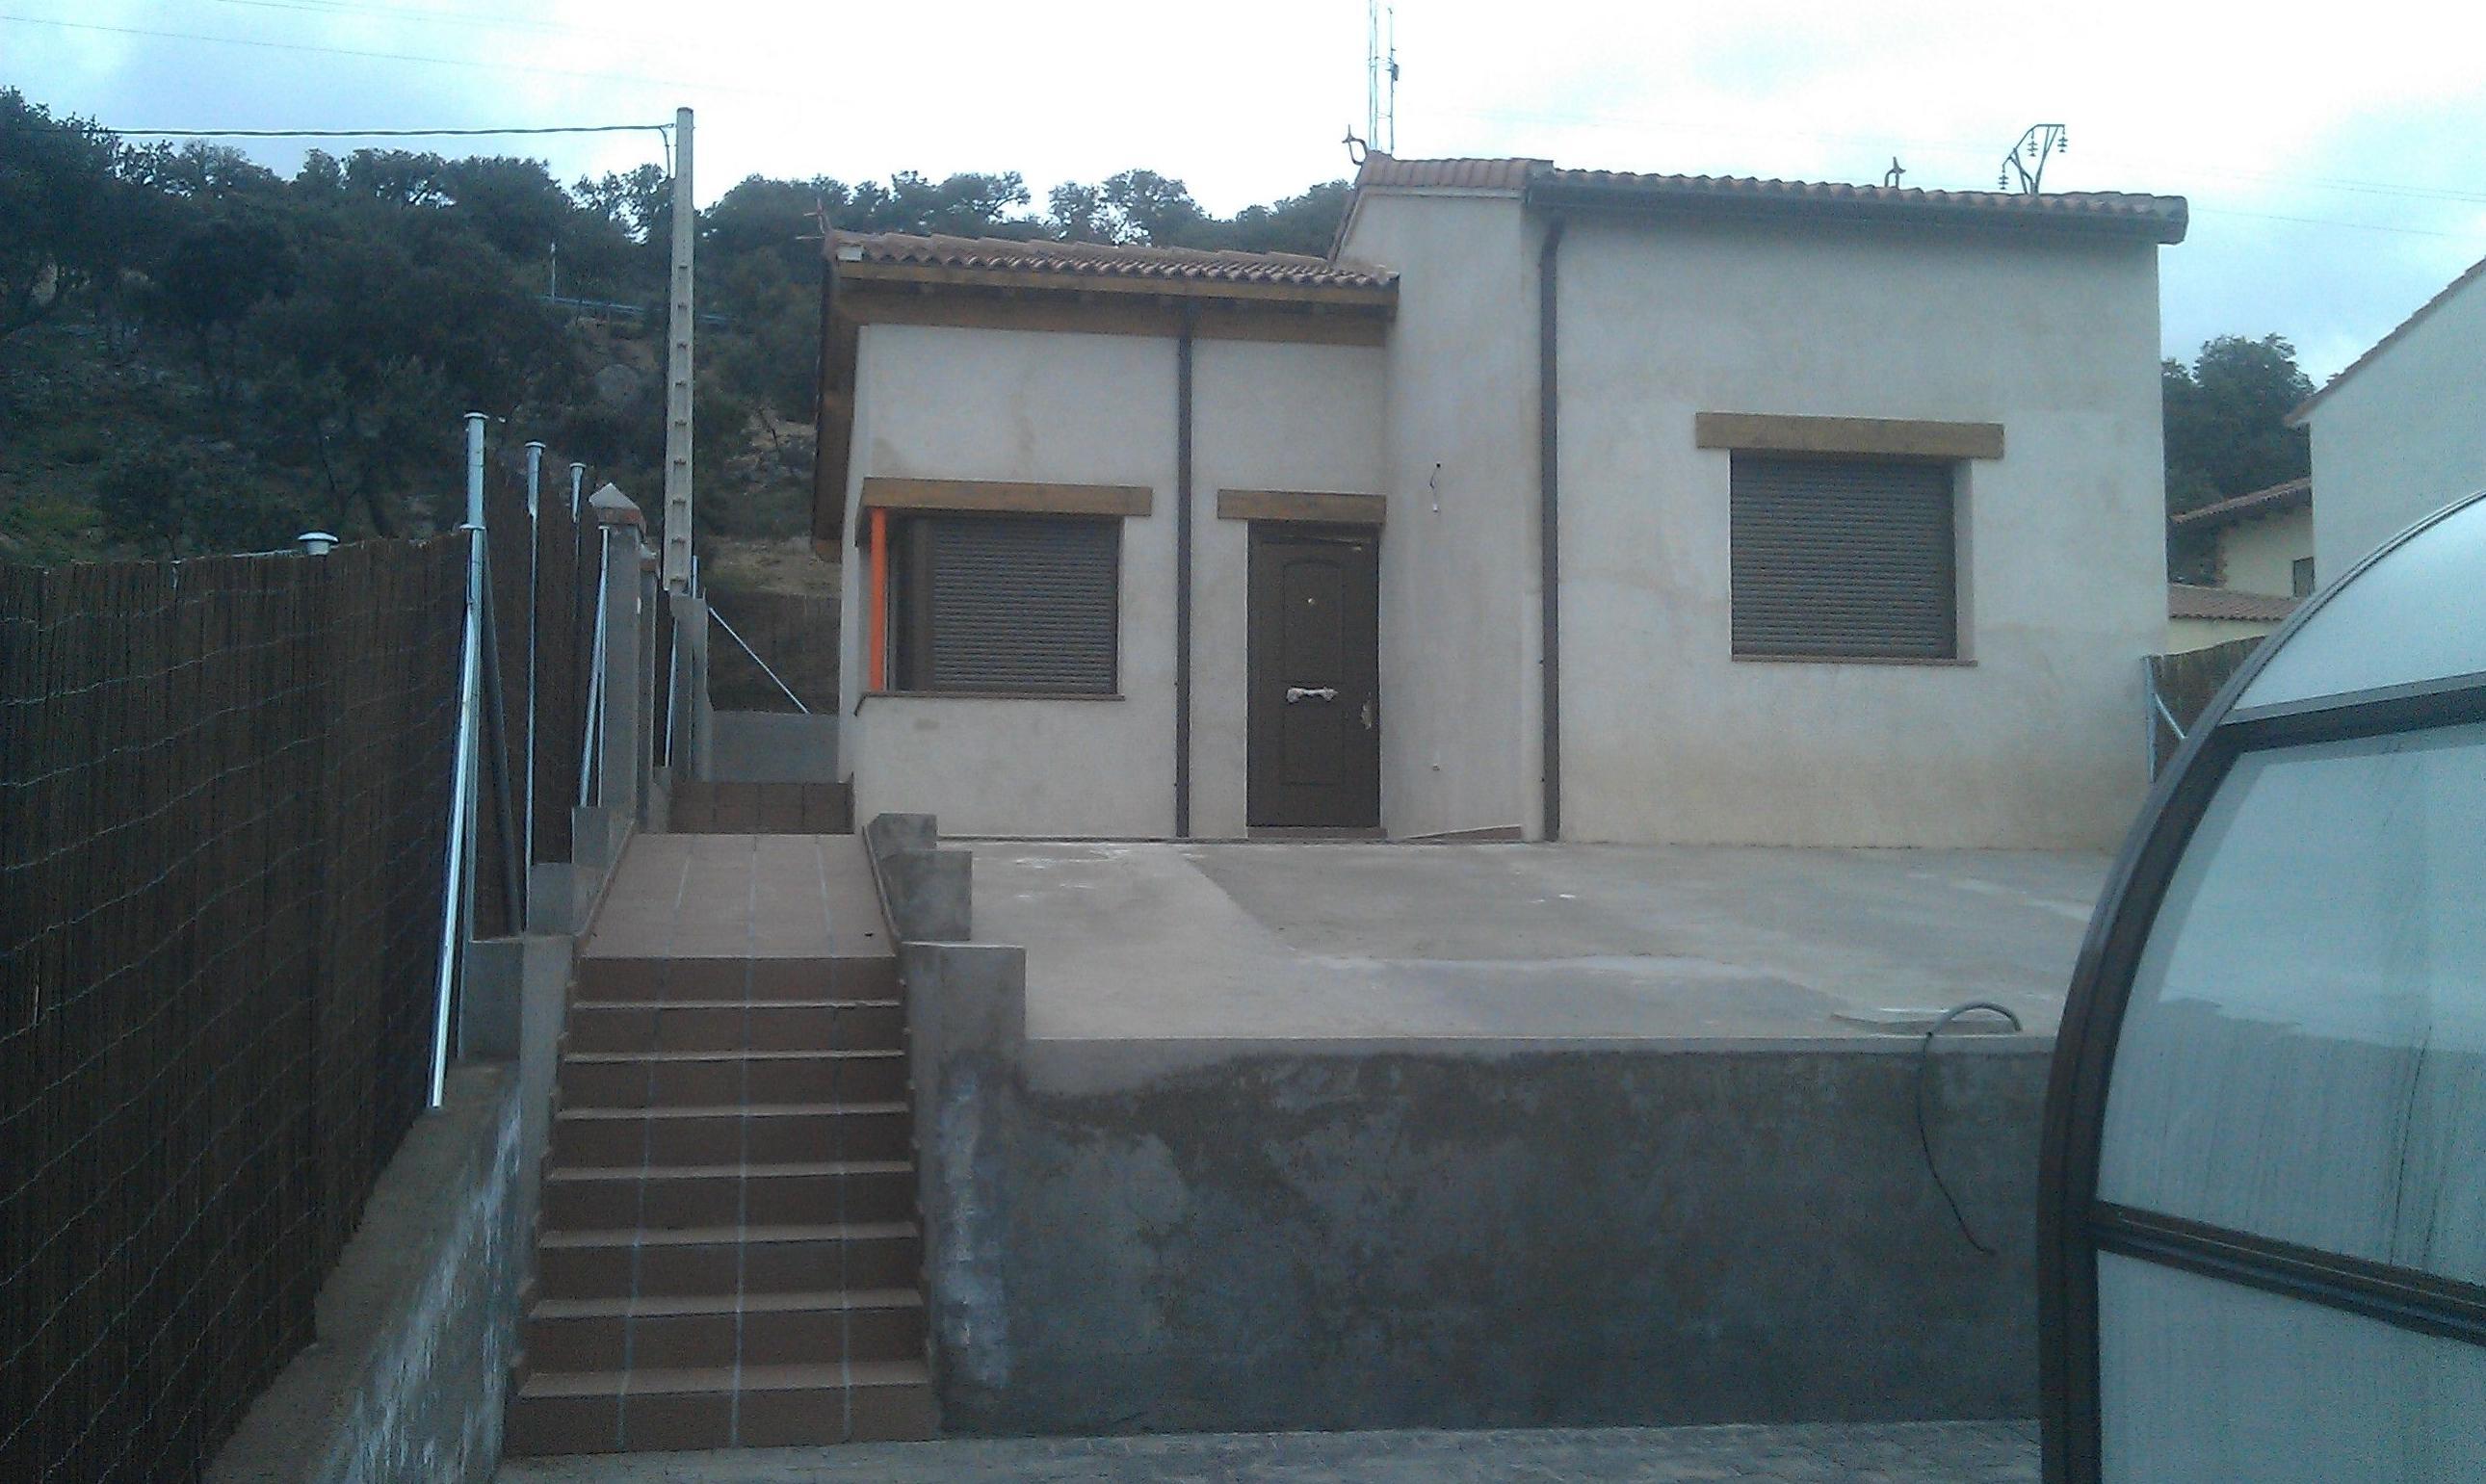 Pintura de fachadas impermeabilizantes en Ávila